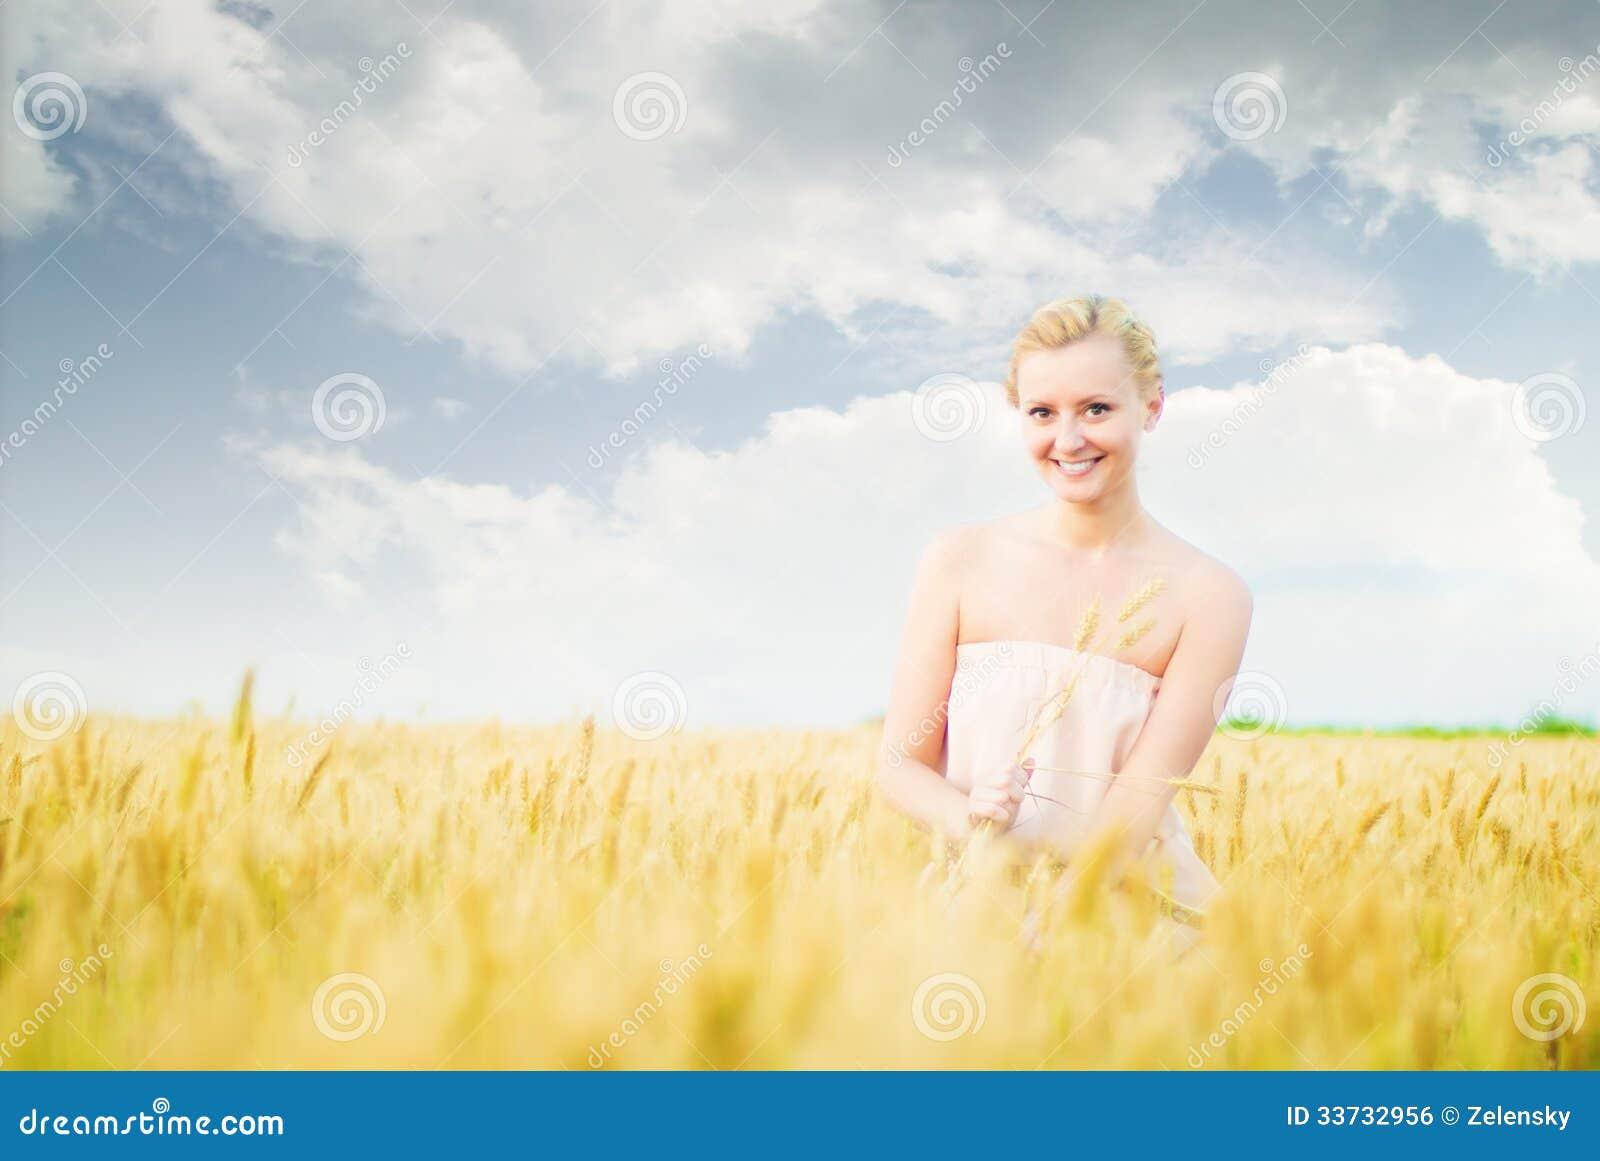 Девушка в поле с колосками